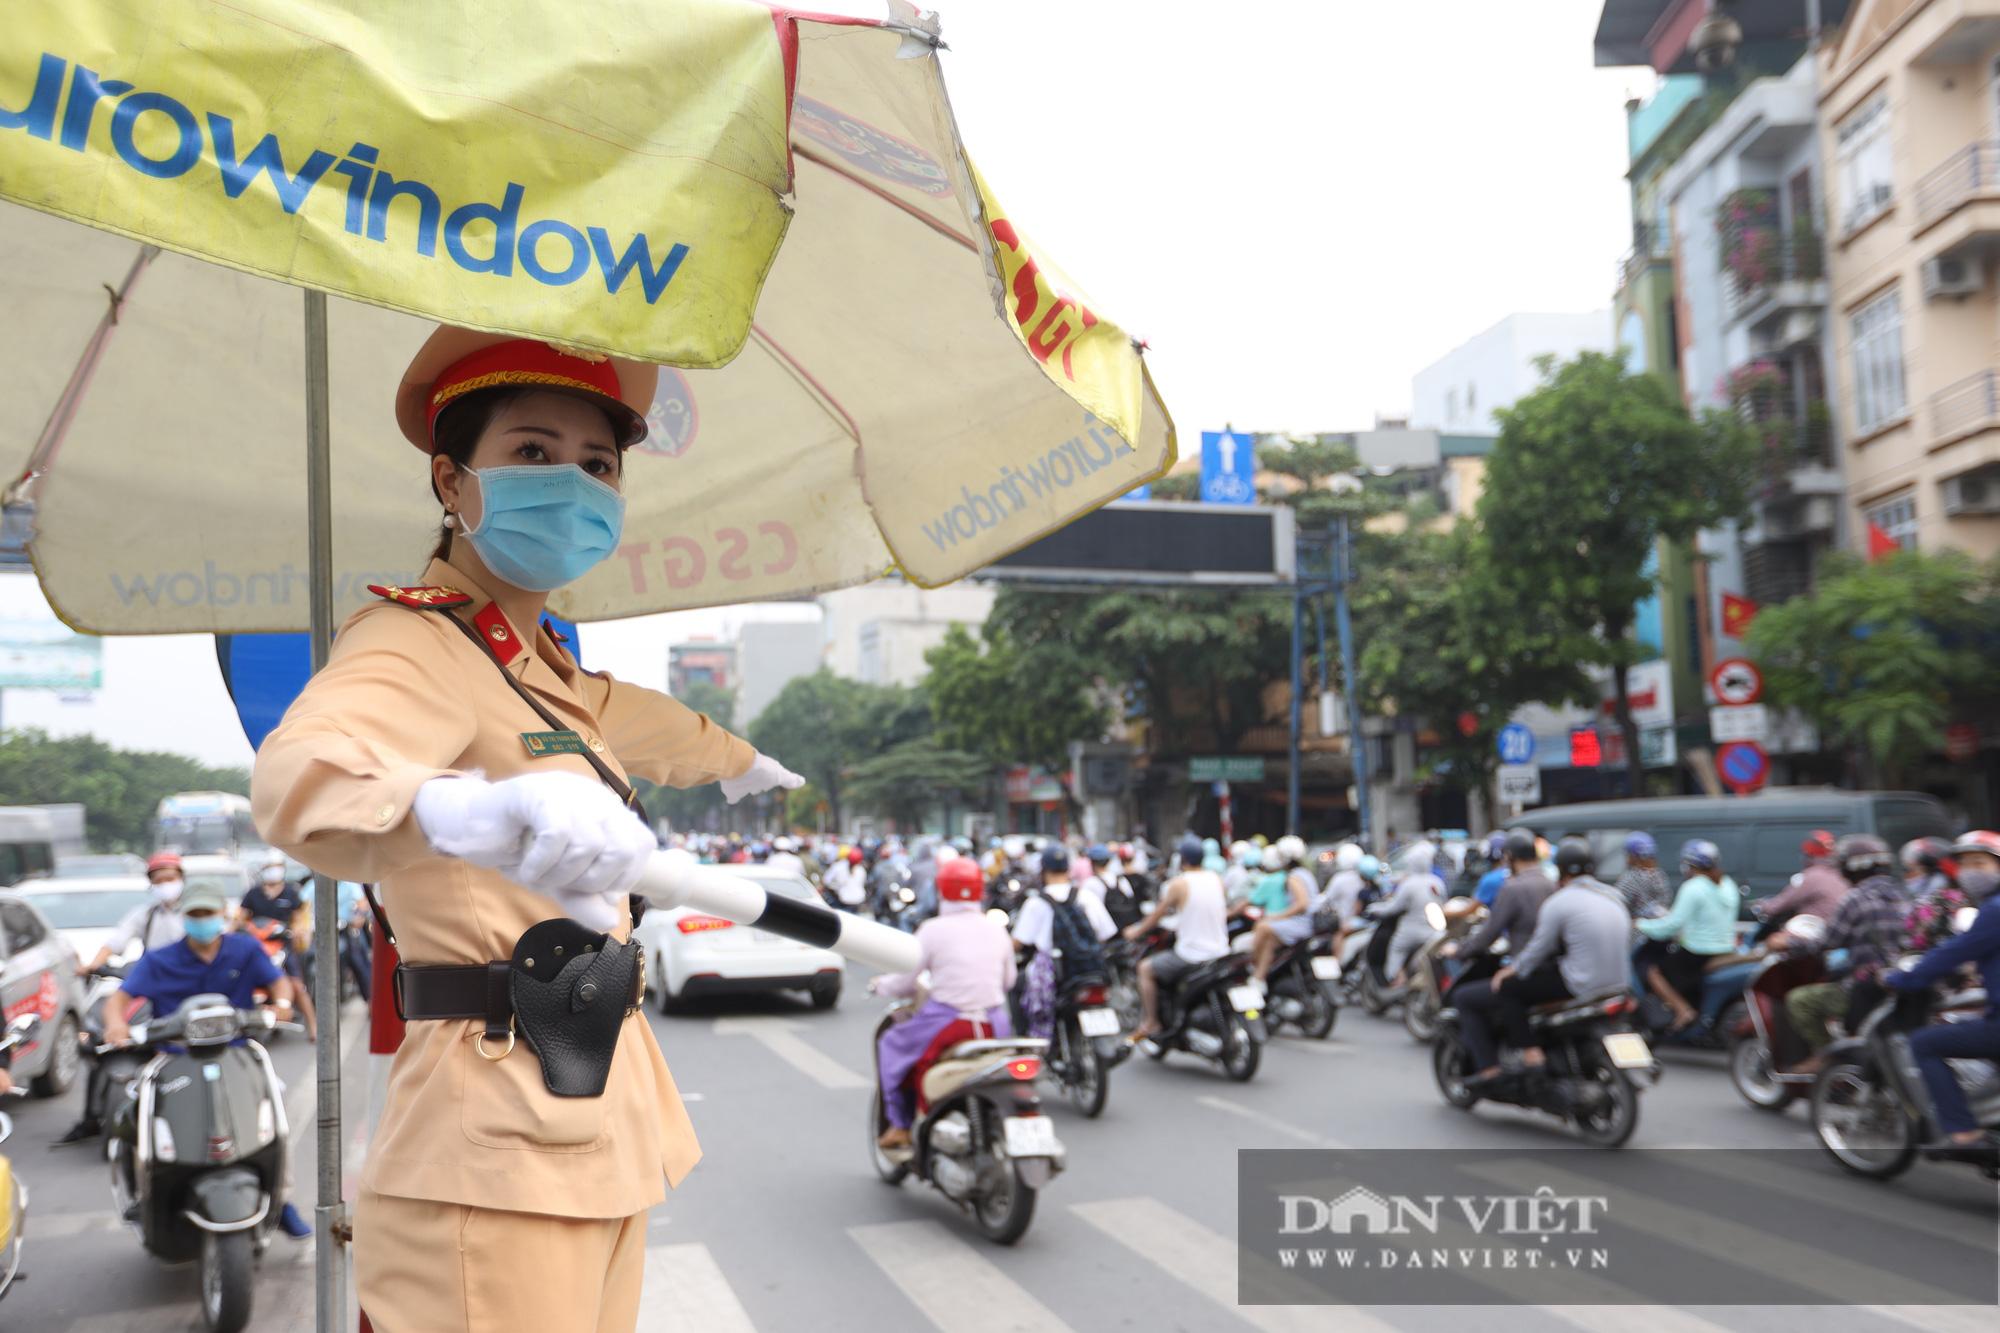 Cập nhật tình hình giao thông tại các cửa ngõ vào nội thành Hà Nội sau nghỉ lễ 2/9 - Ảnh 10.